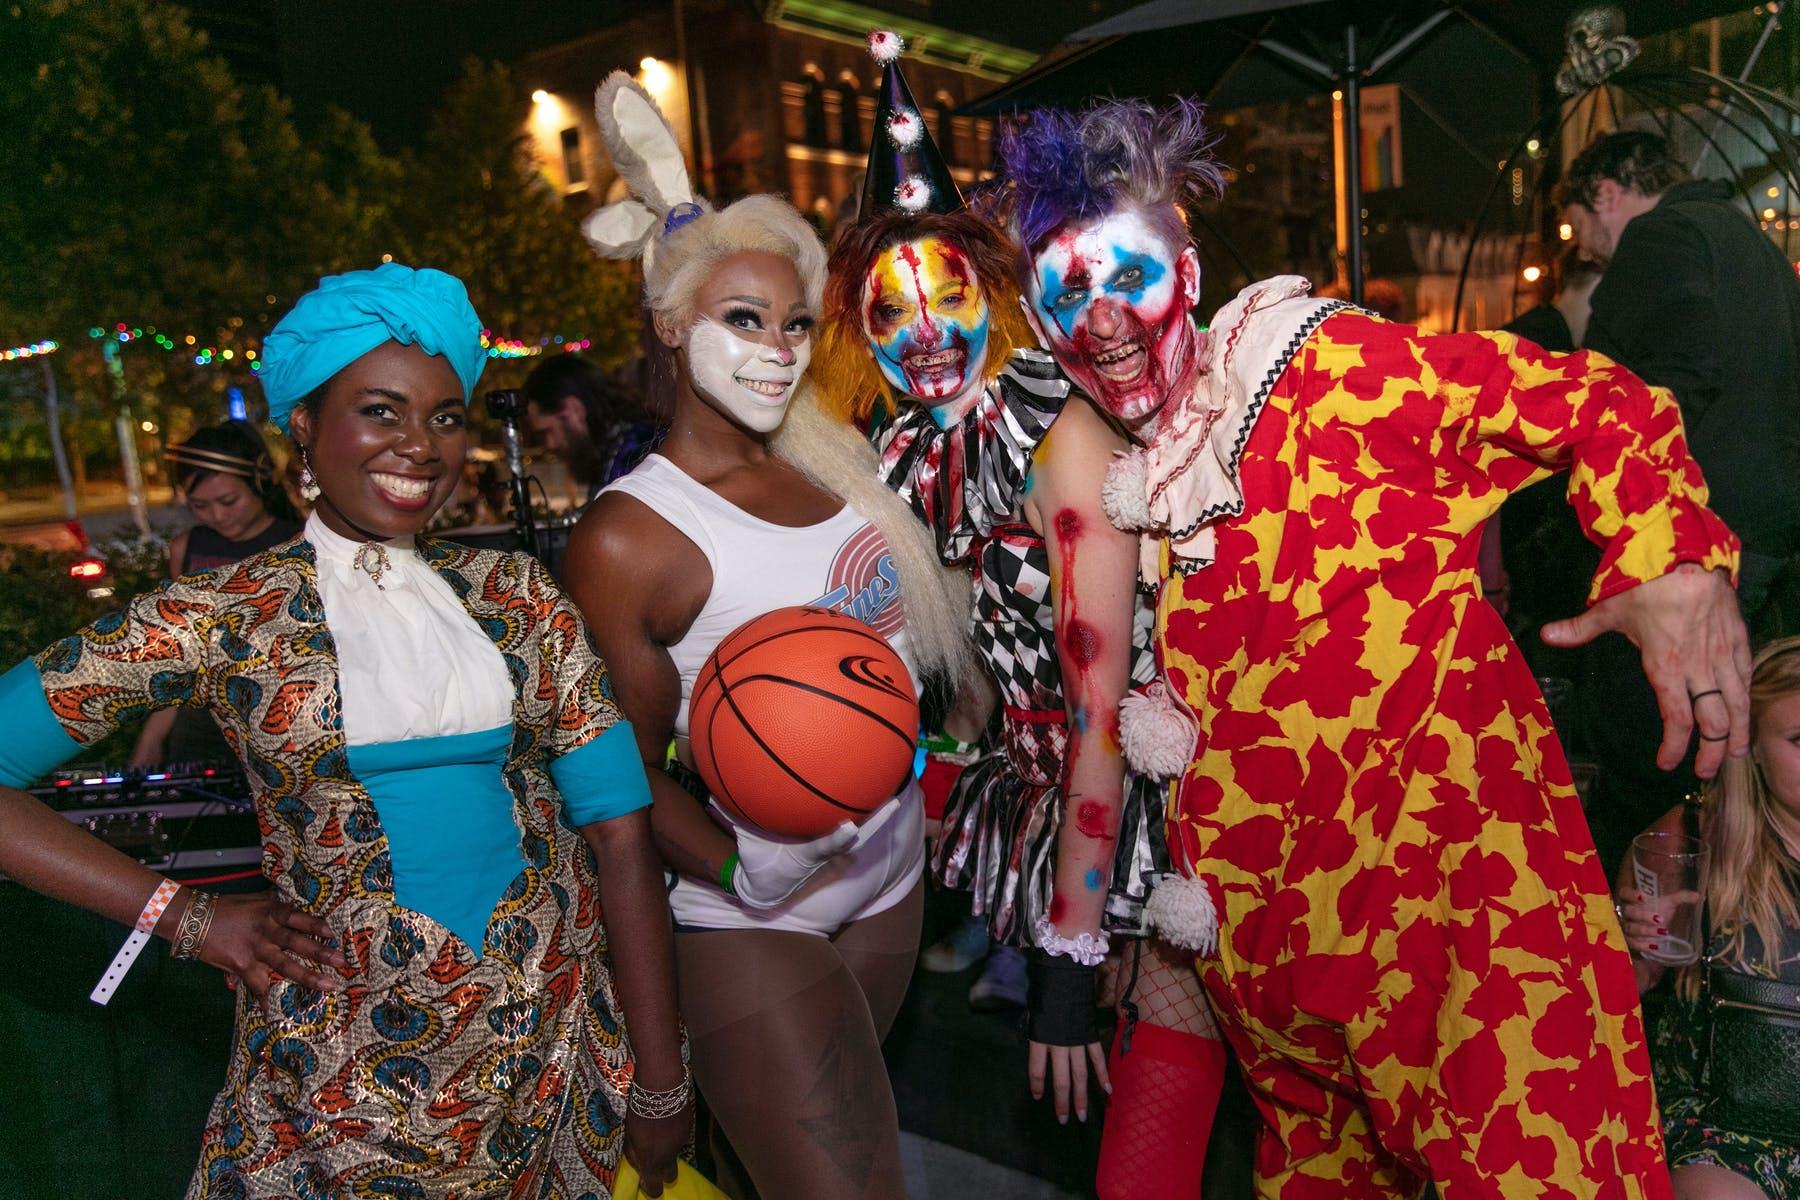 Tionne Watkins et al. wearing costumes